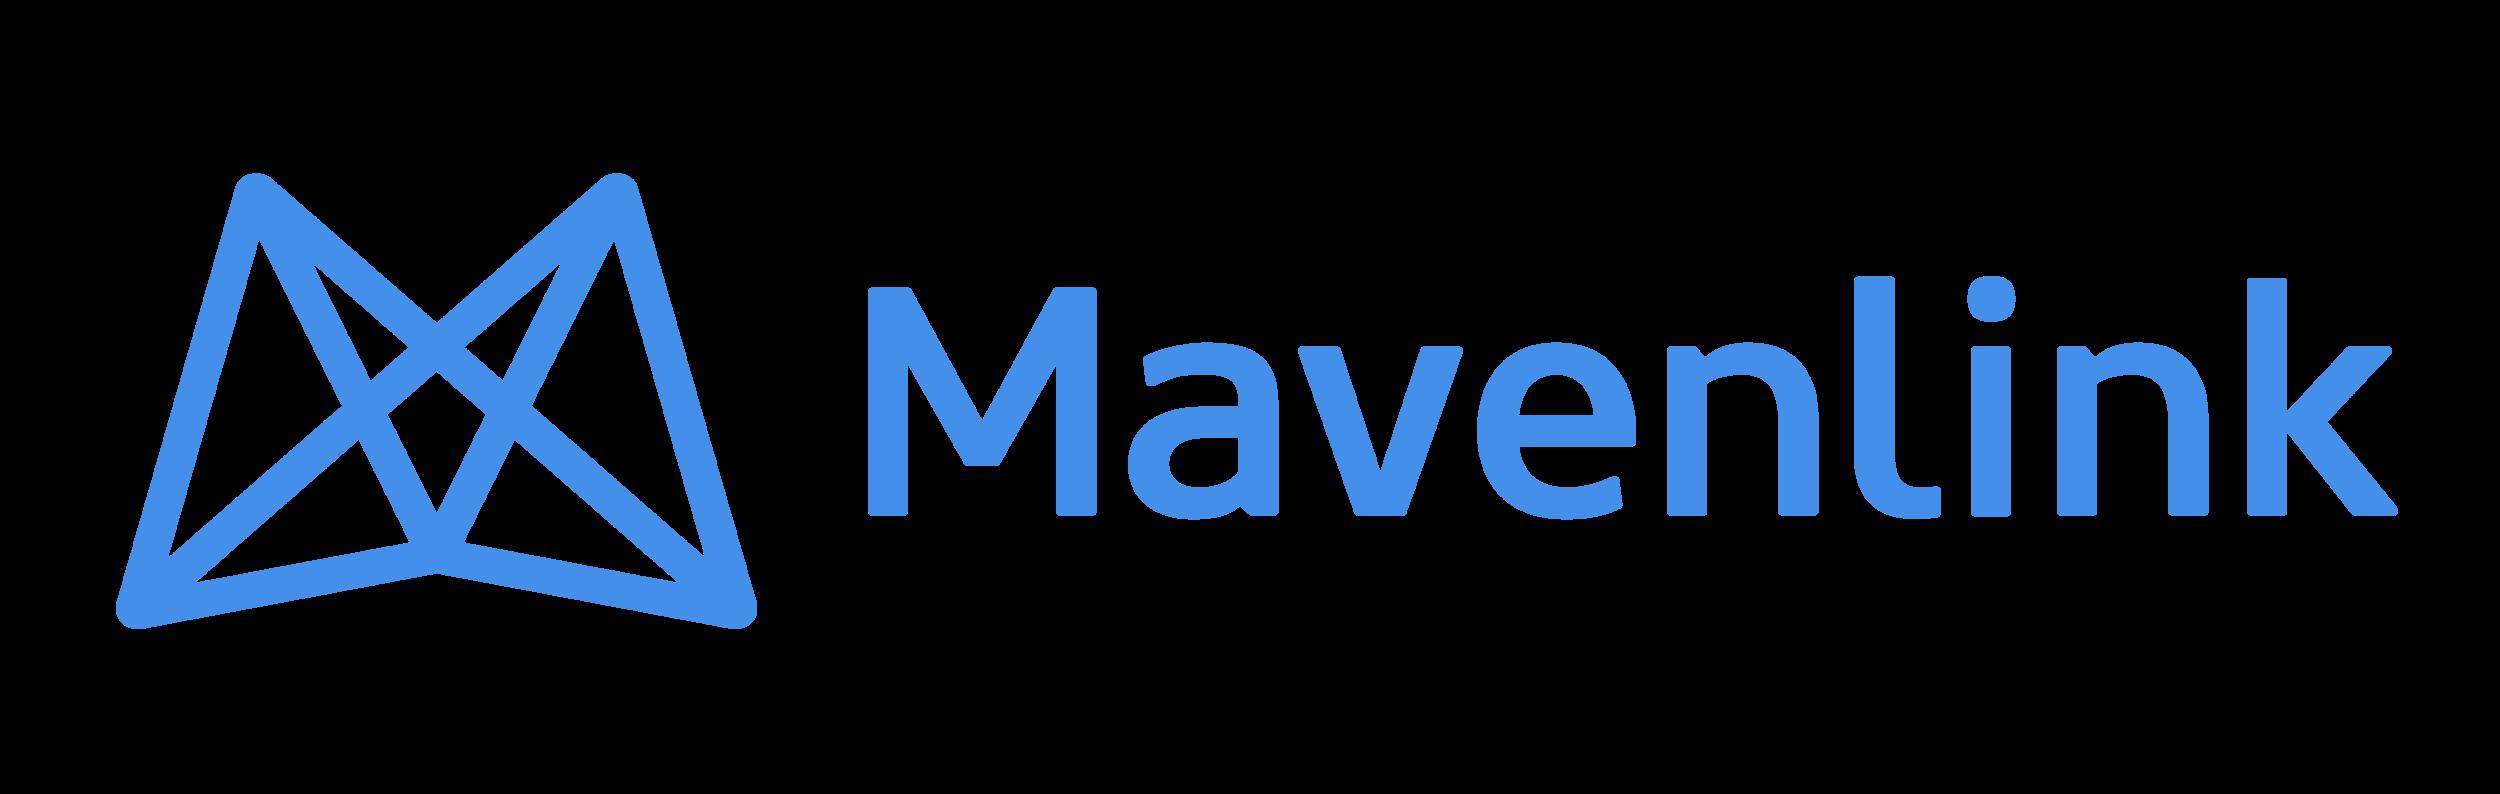 Mavenlink_Logo.png